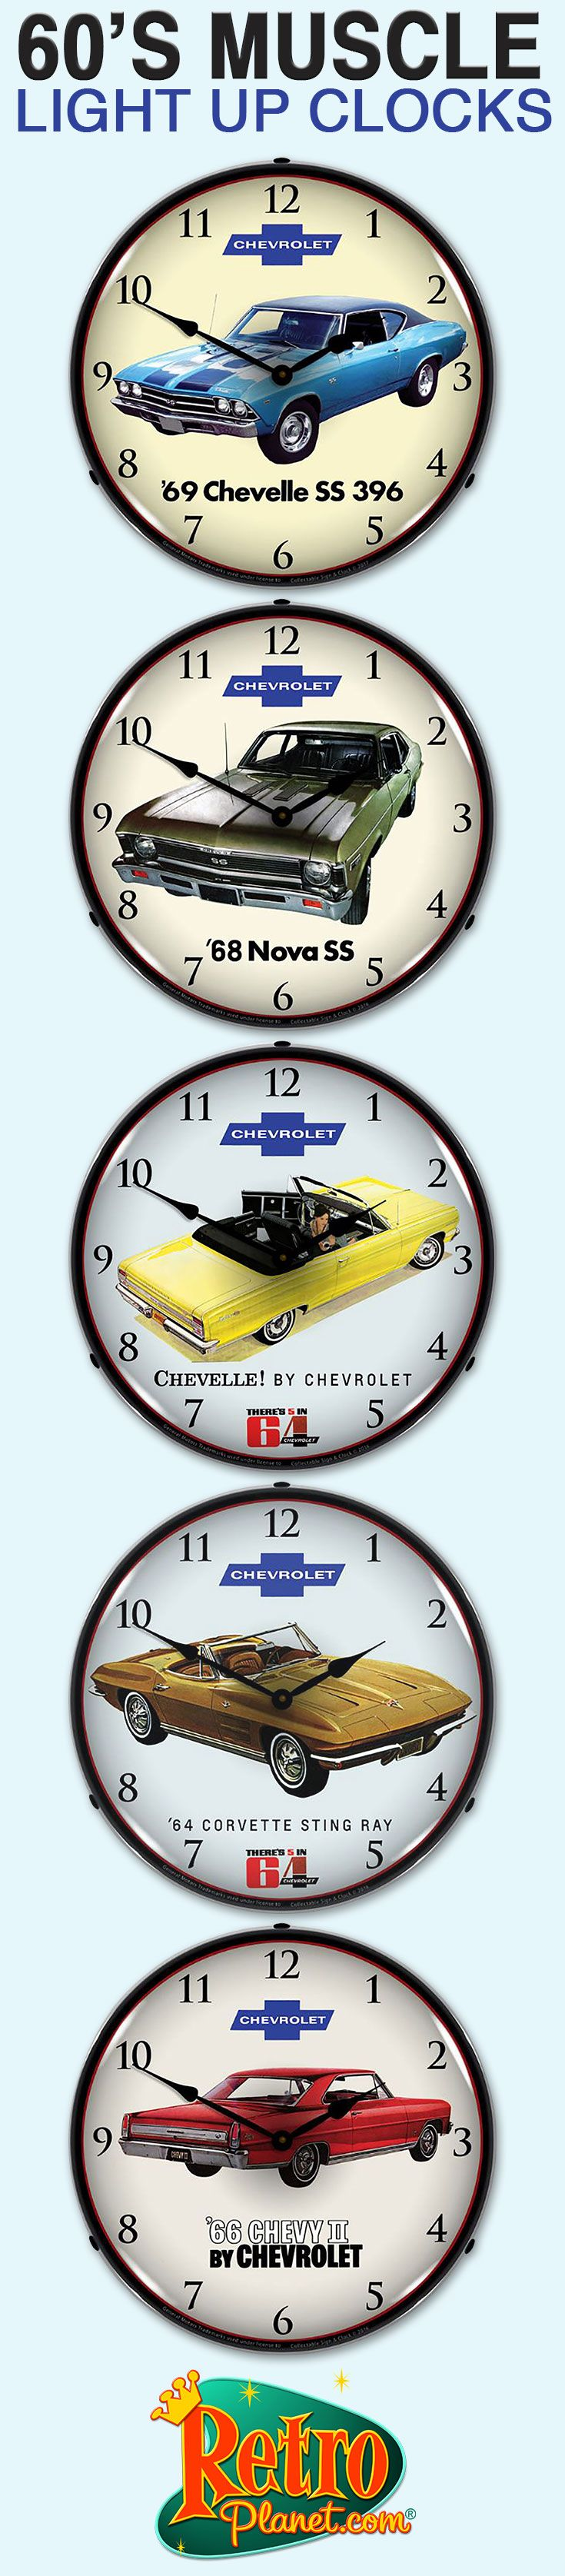 ec0dd40f30c3dd8ed5e41522959d5373--muscle-cars-home-office Luxe De Abri Moto Exterieur Concept